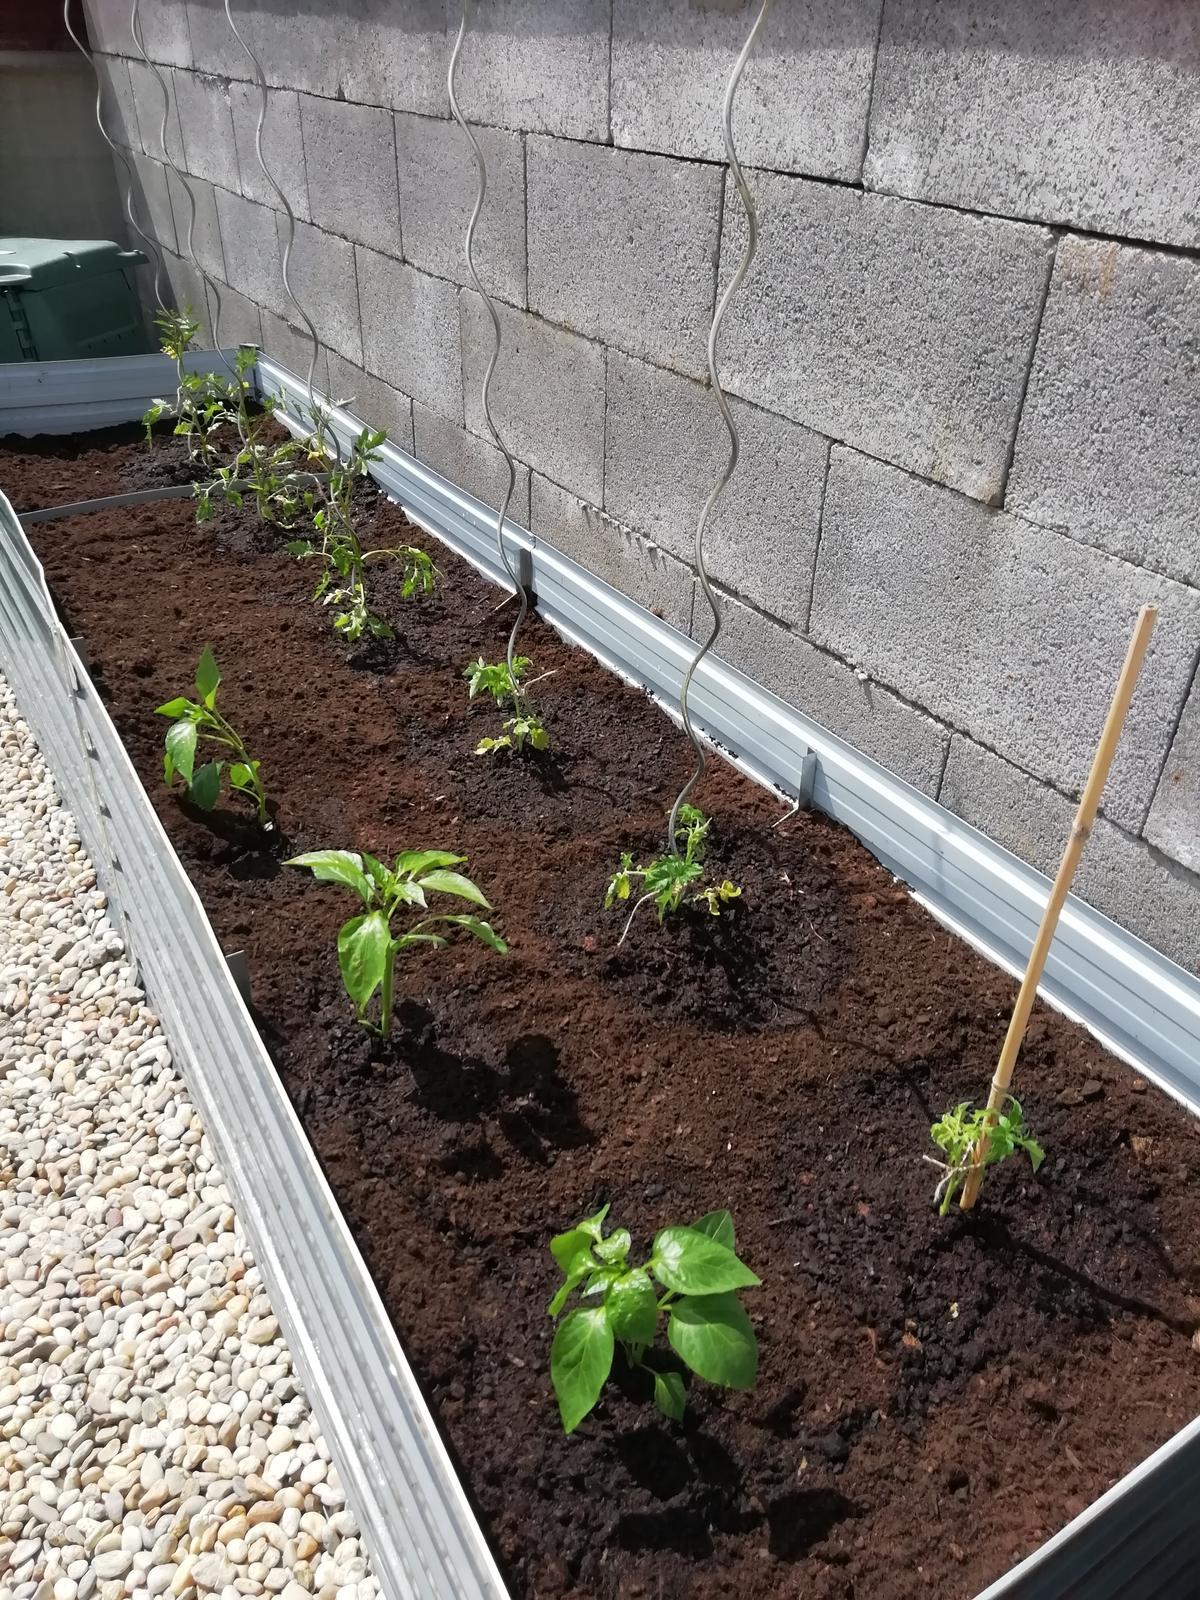 Záhradka 2019/20 bývame 4 a 5 rok :-) - paradajky 6x,cervena paprika 3x...zatial